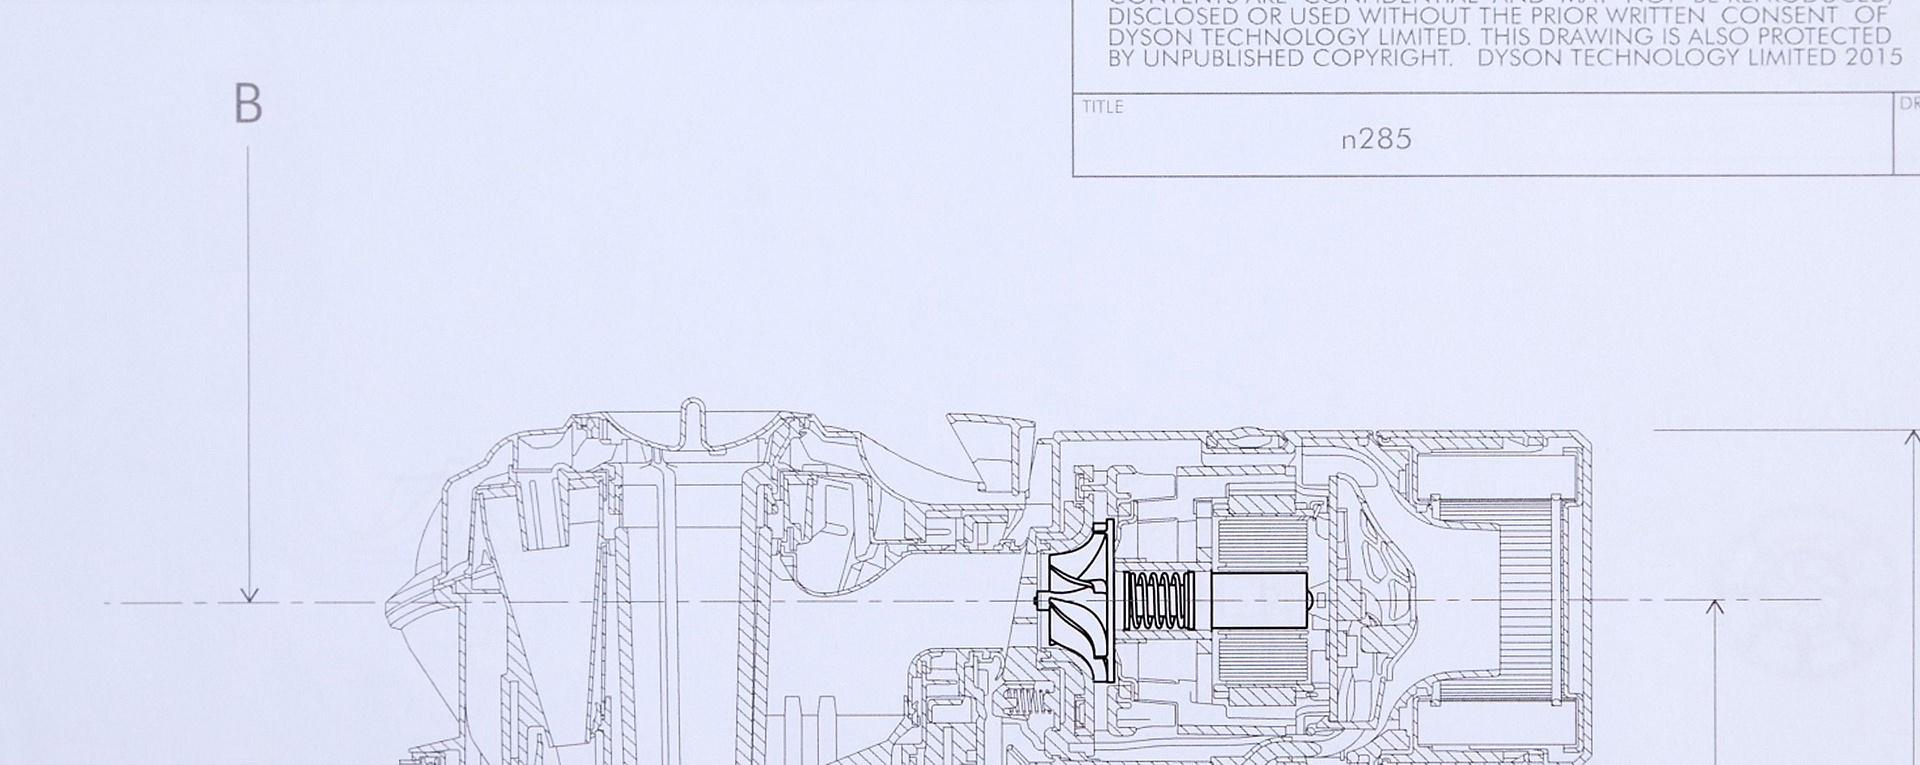 Dyson blueprint